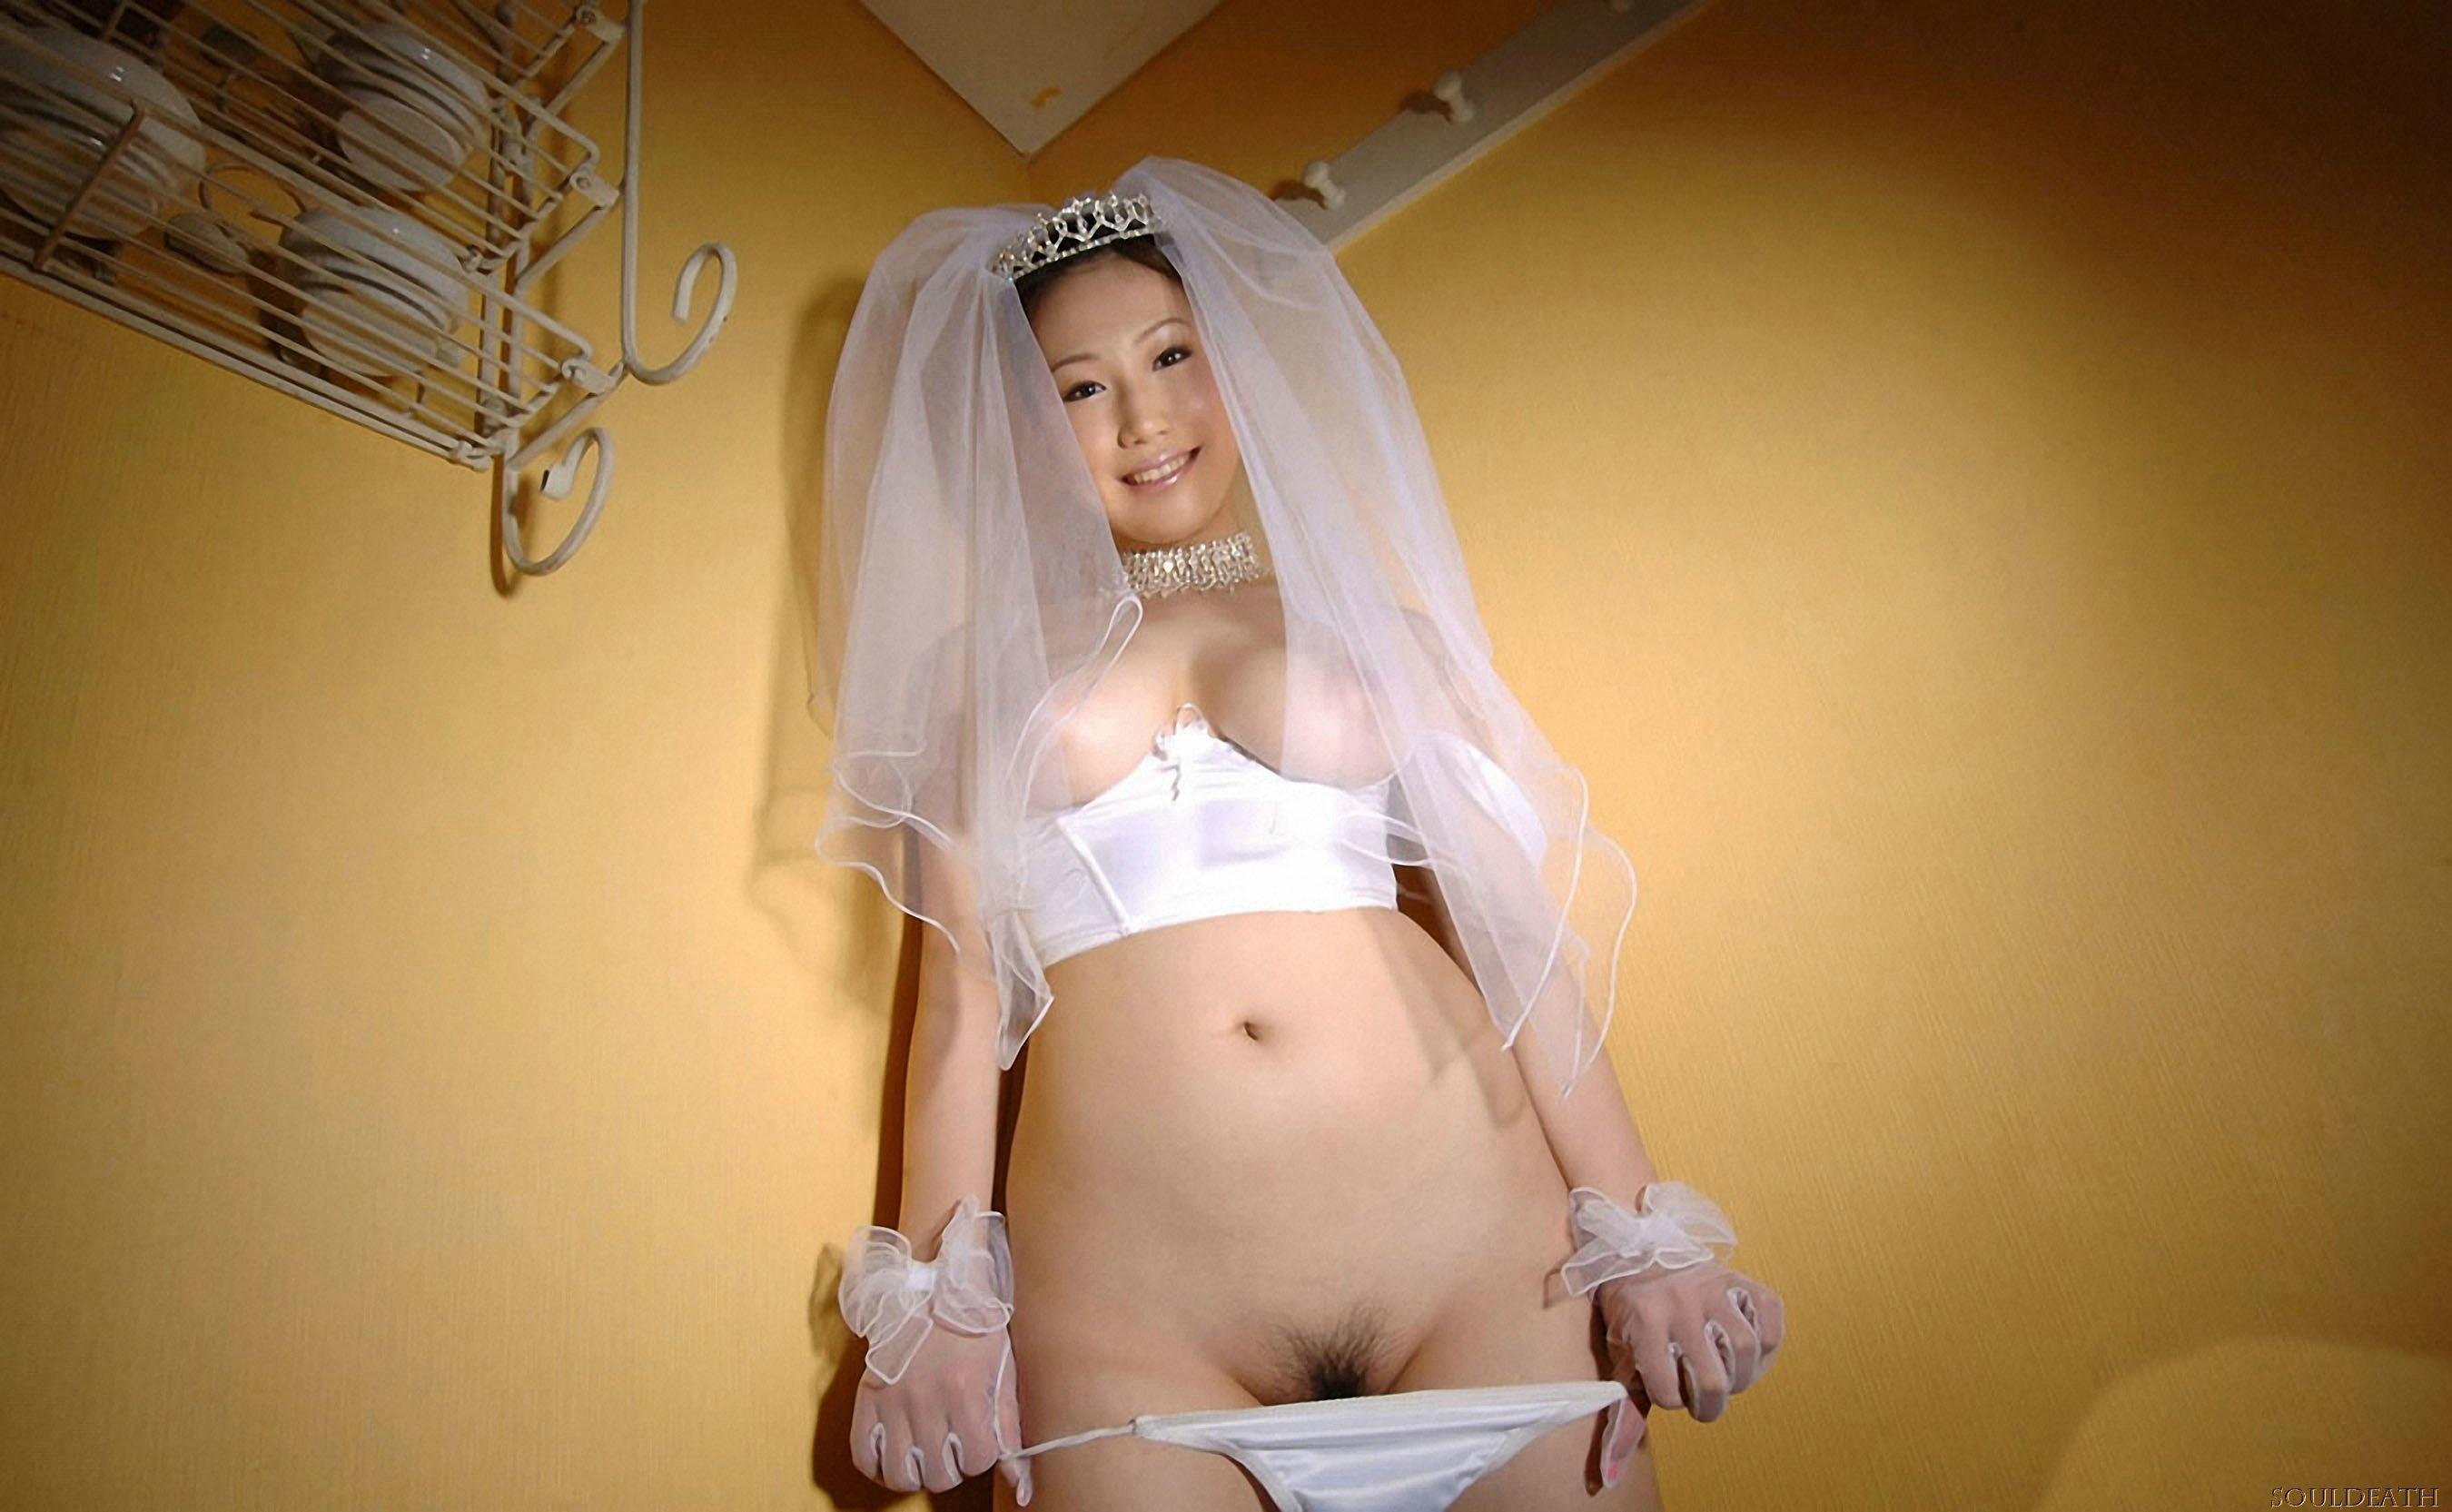 Эротика под юбкой невесты 13 фотография